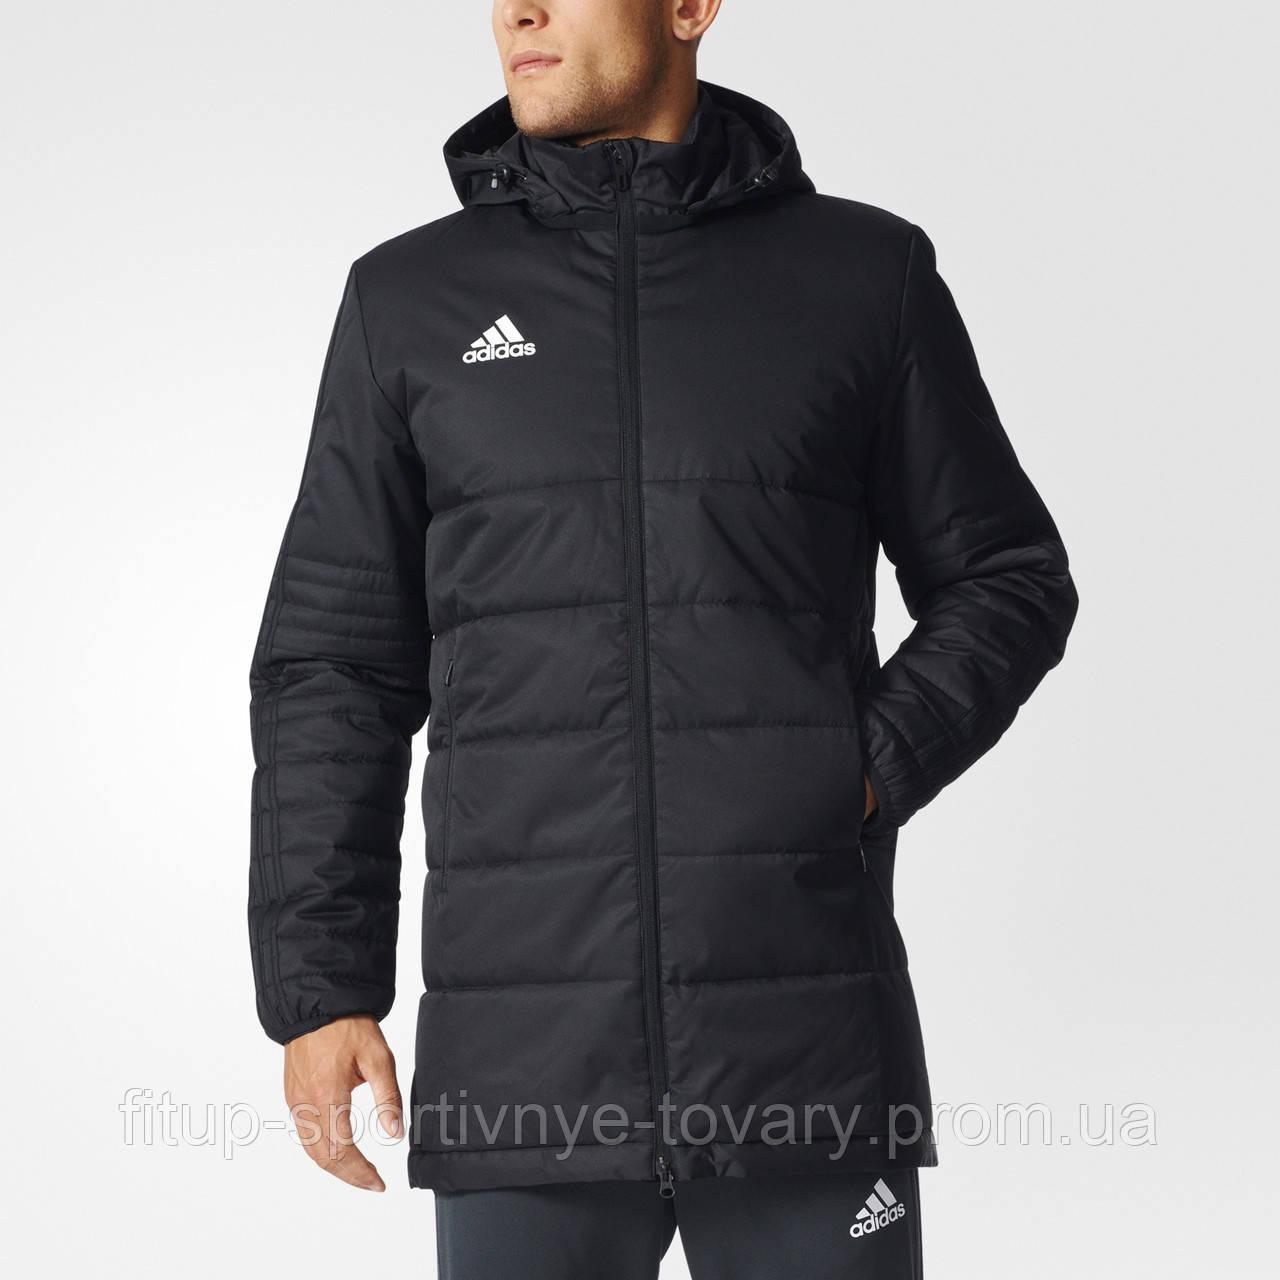 03511f61 Куртка мужская Adidas TIRO17 WINTJKTL BS0050 - FITUP. Спортивные товары в  Киеве